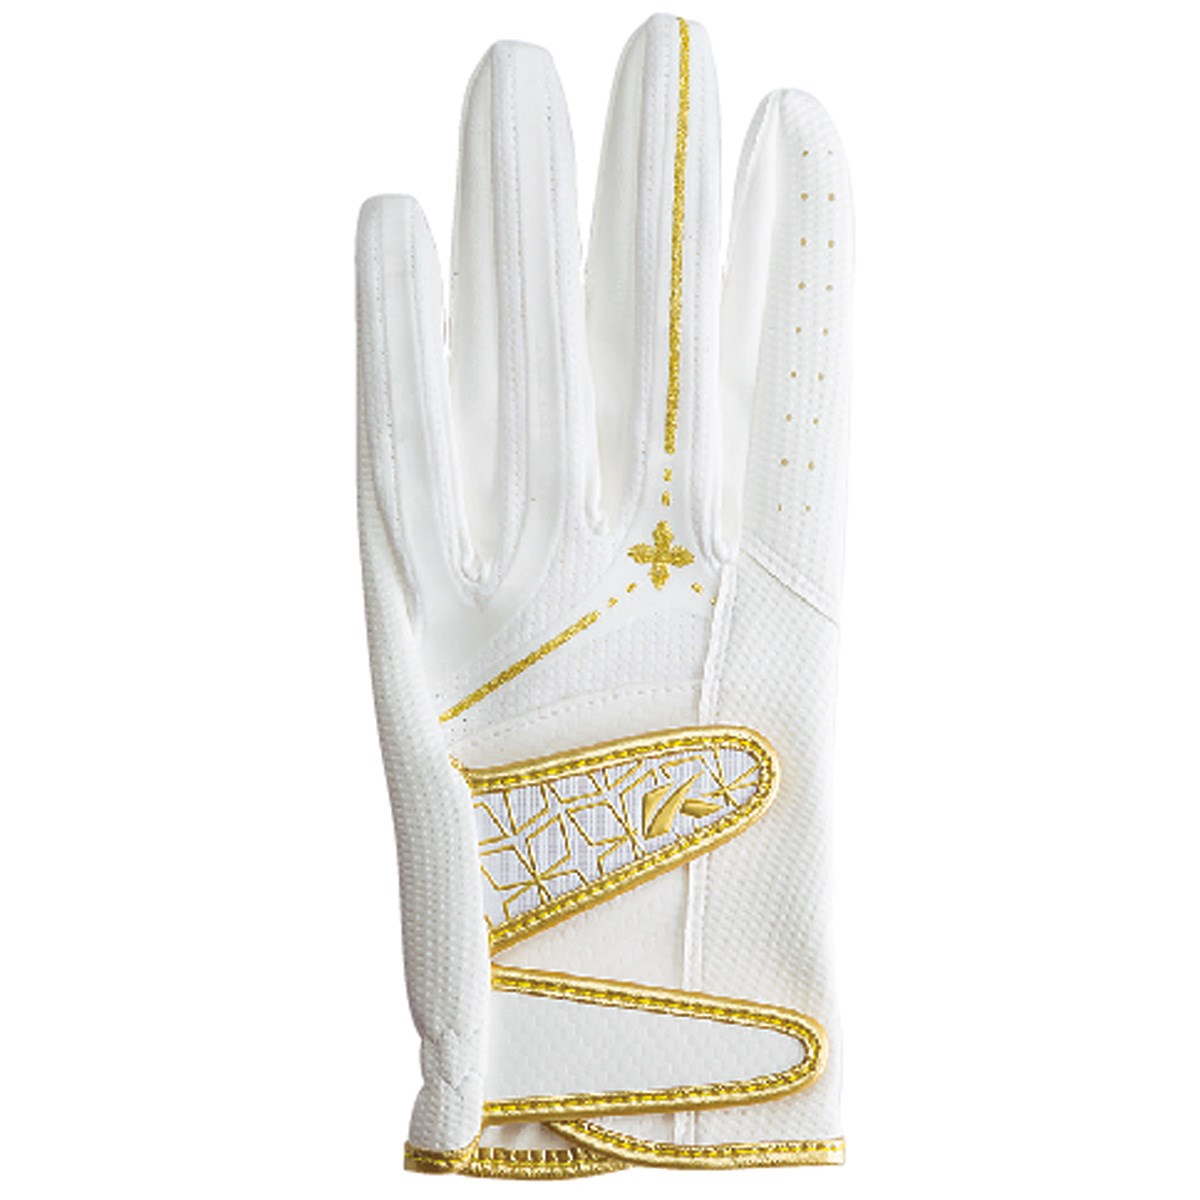 キャスコ KASCO パームフィット グローブ S 左手着用(右利き用) ホワイト/ゴールド レディス